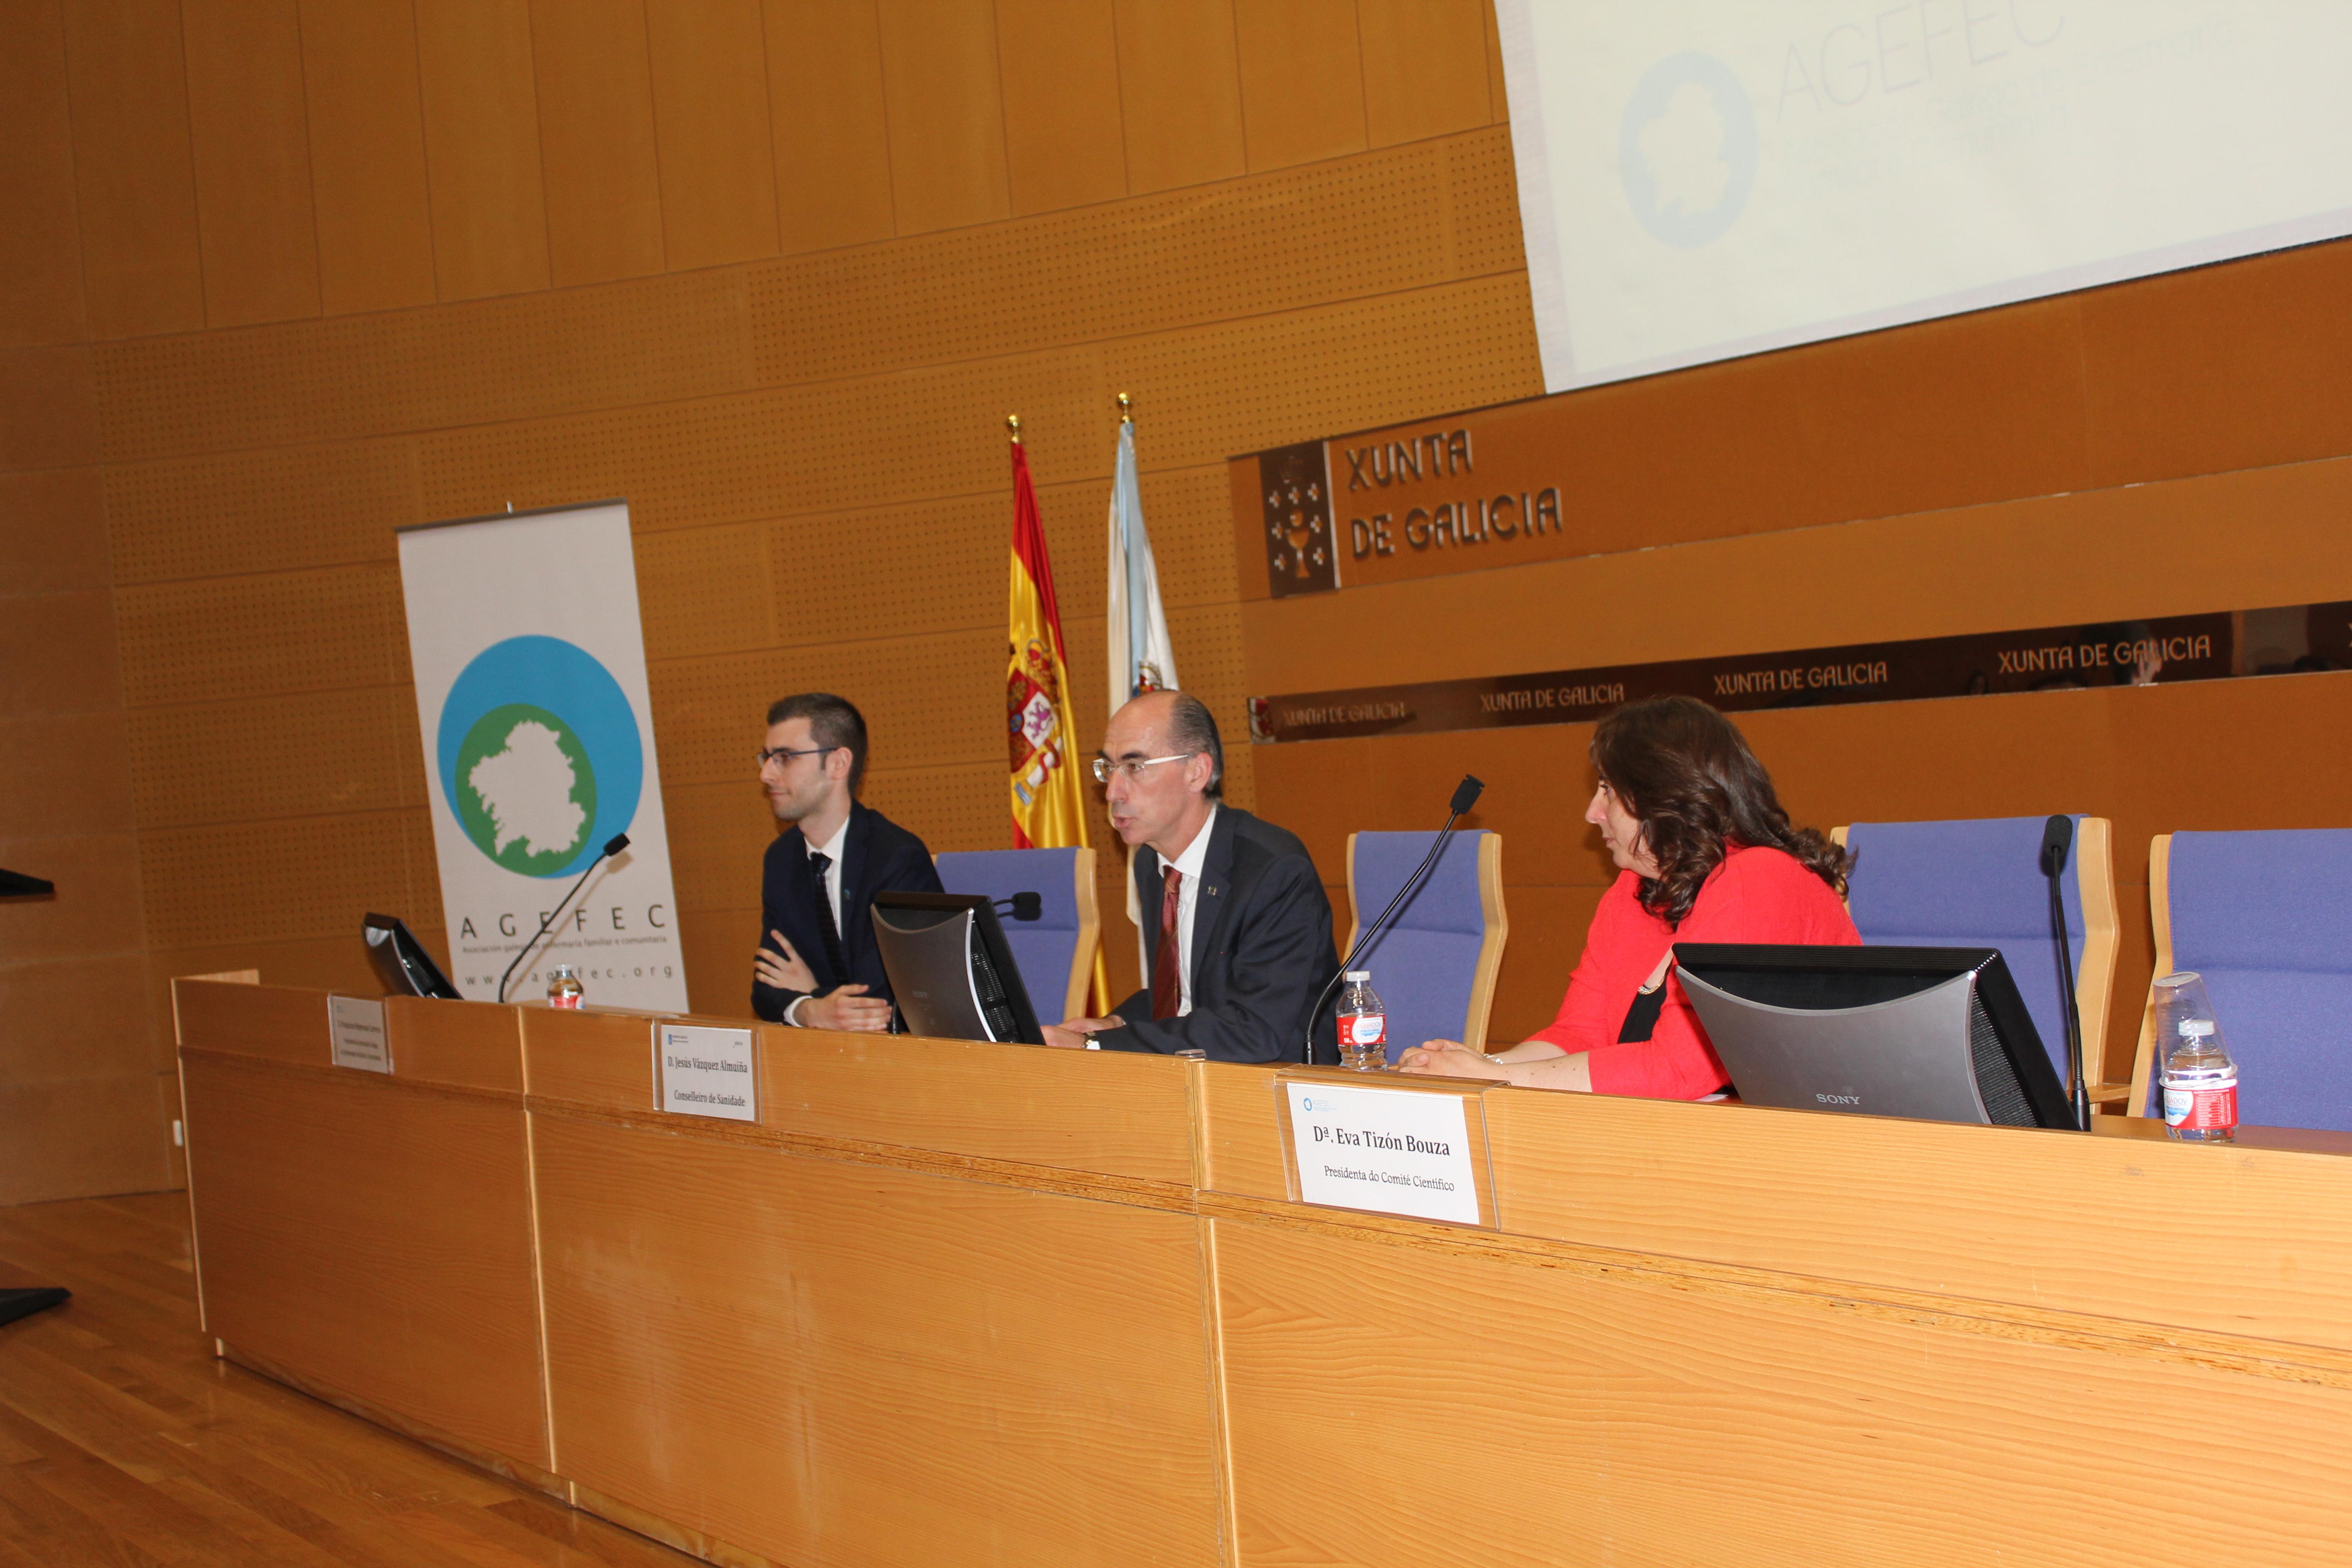 Pola dereita, a Pte. do Comité Científico, o Conselleiro de Sanidade e o Presidente da AGEFEC